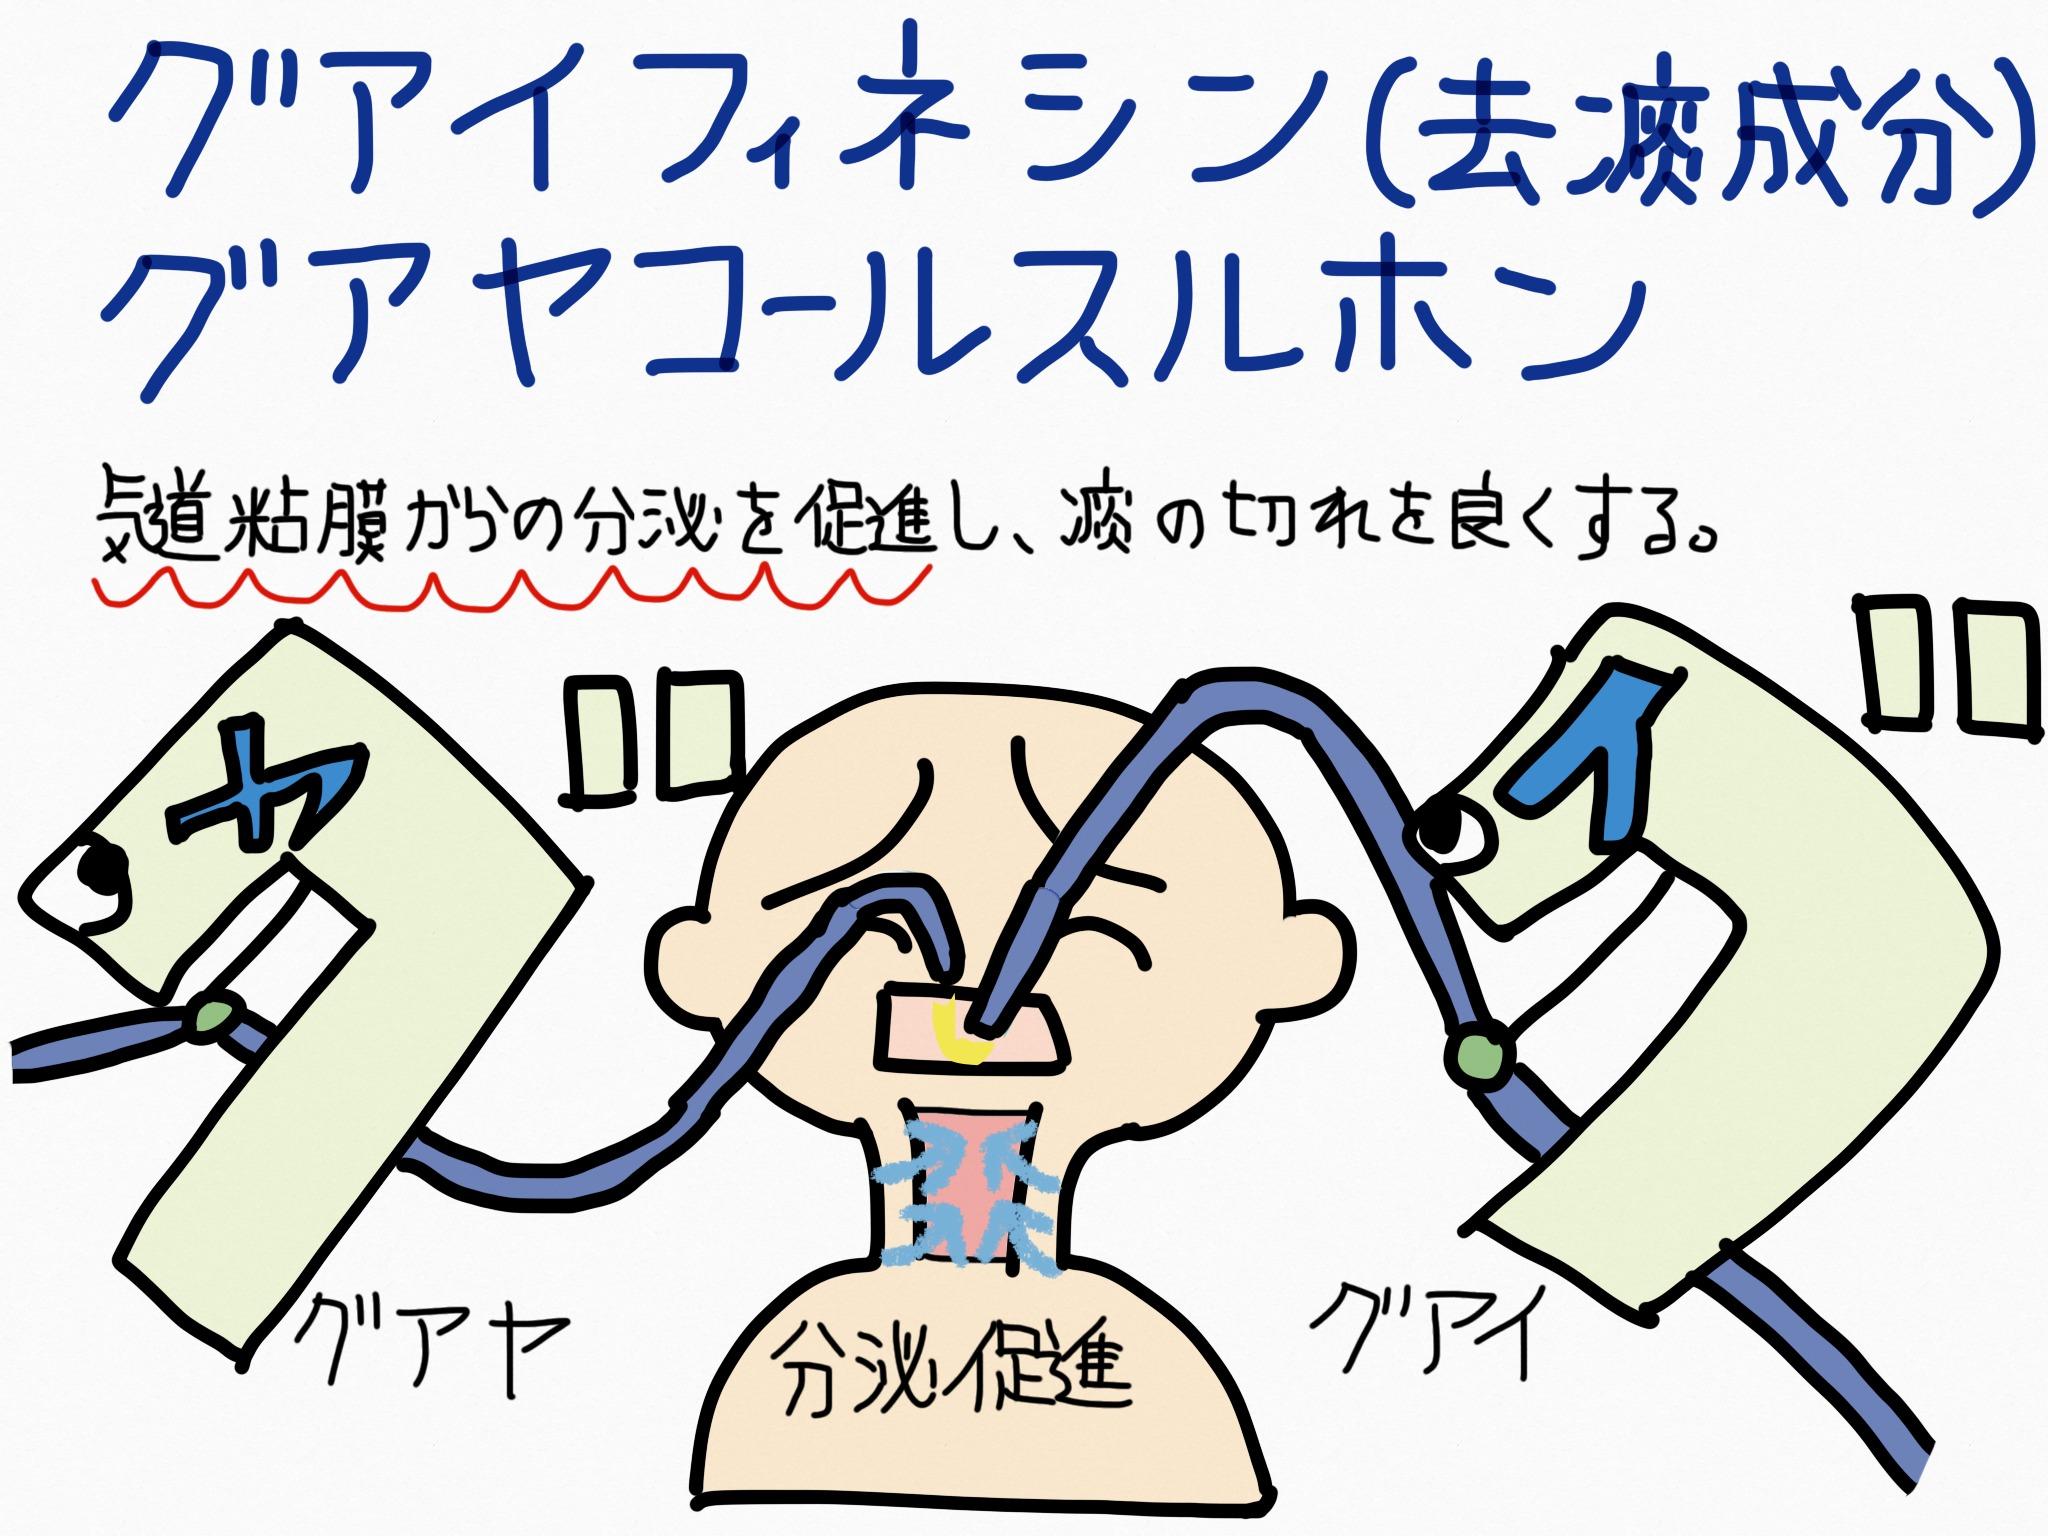 グアイフェネシン、グアヤコールスルホン酸カリウム・去痰成分の覚え方